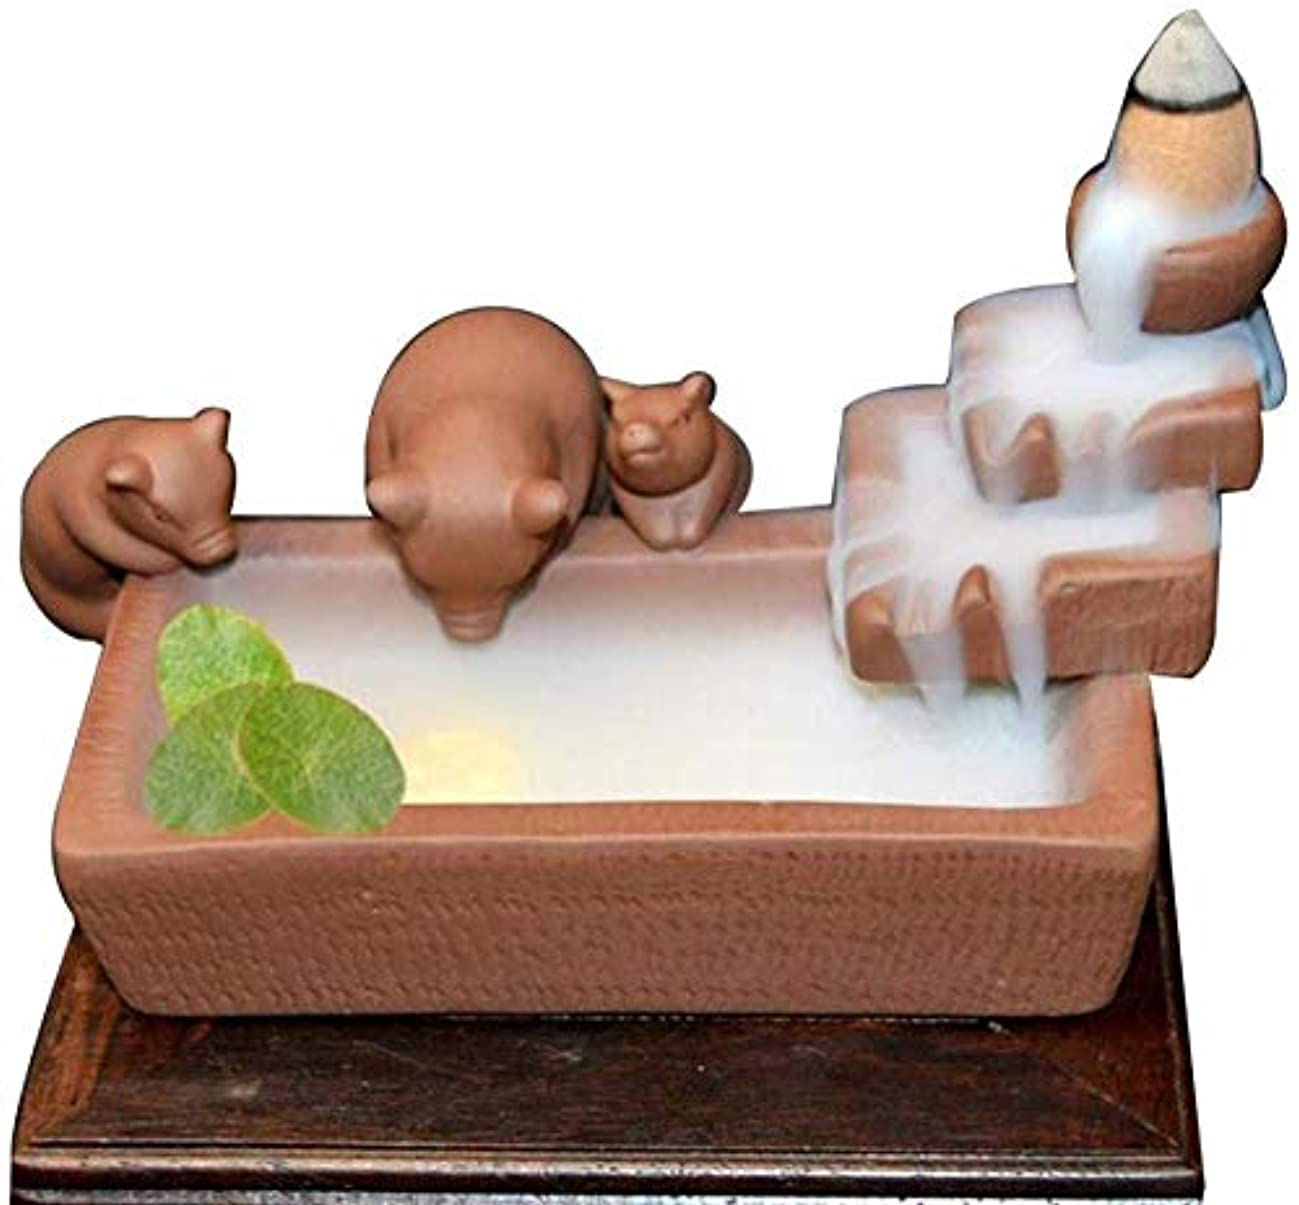 順応性巧みなバイオリニスト逆流香ホルダーセラミック香コーンバーナー香スティックホルダー-3かわいい豚